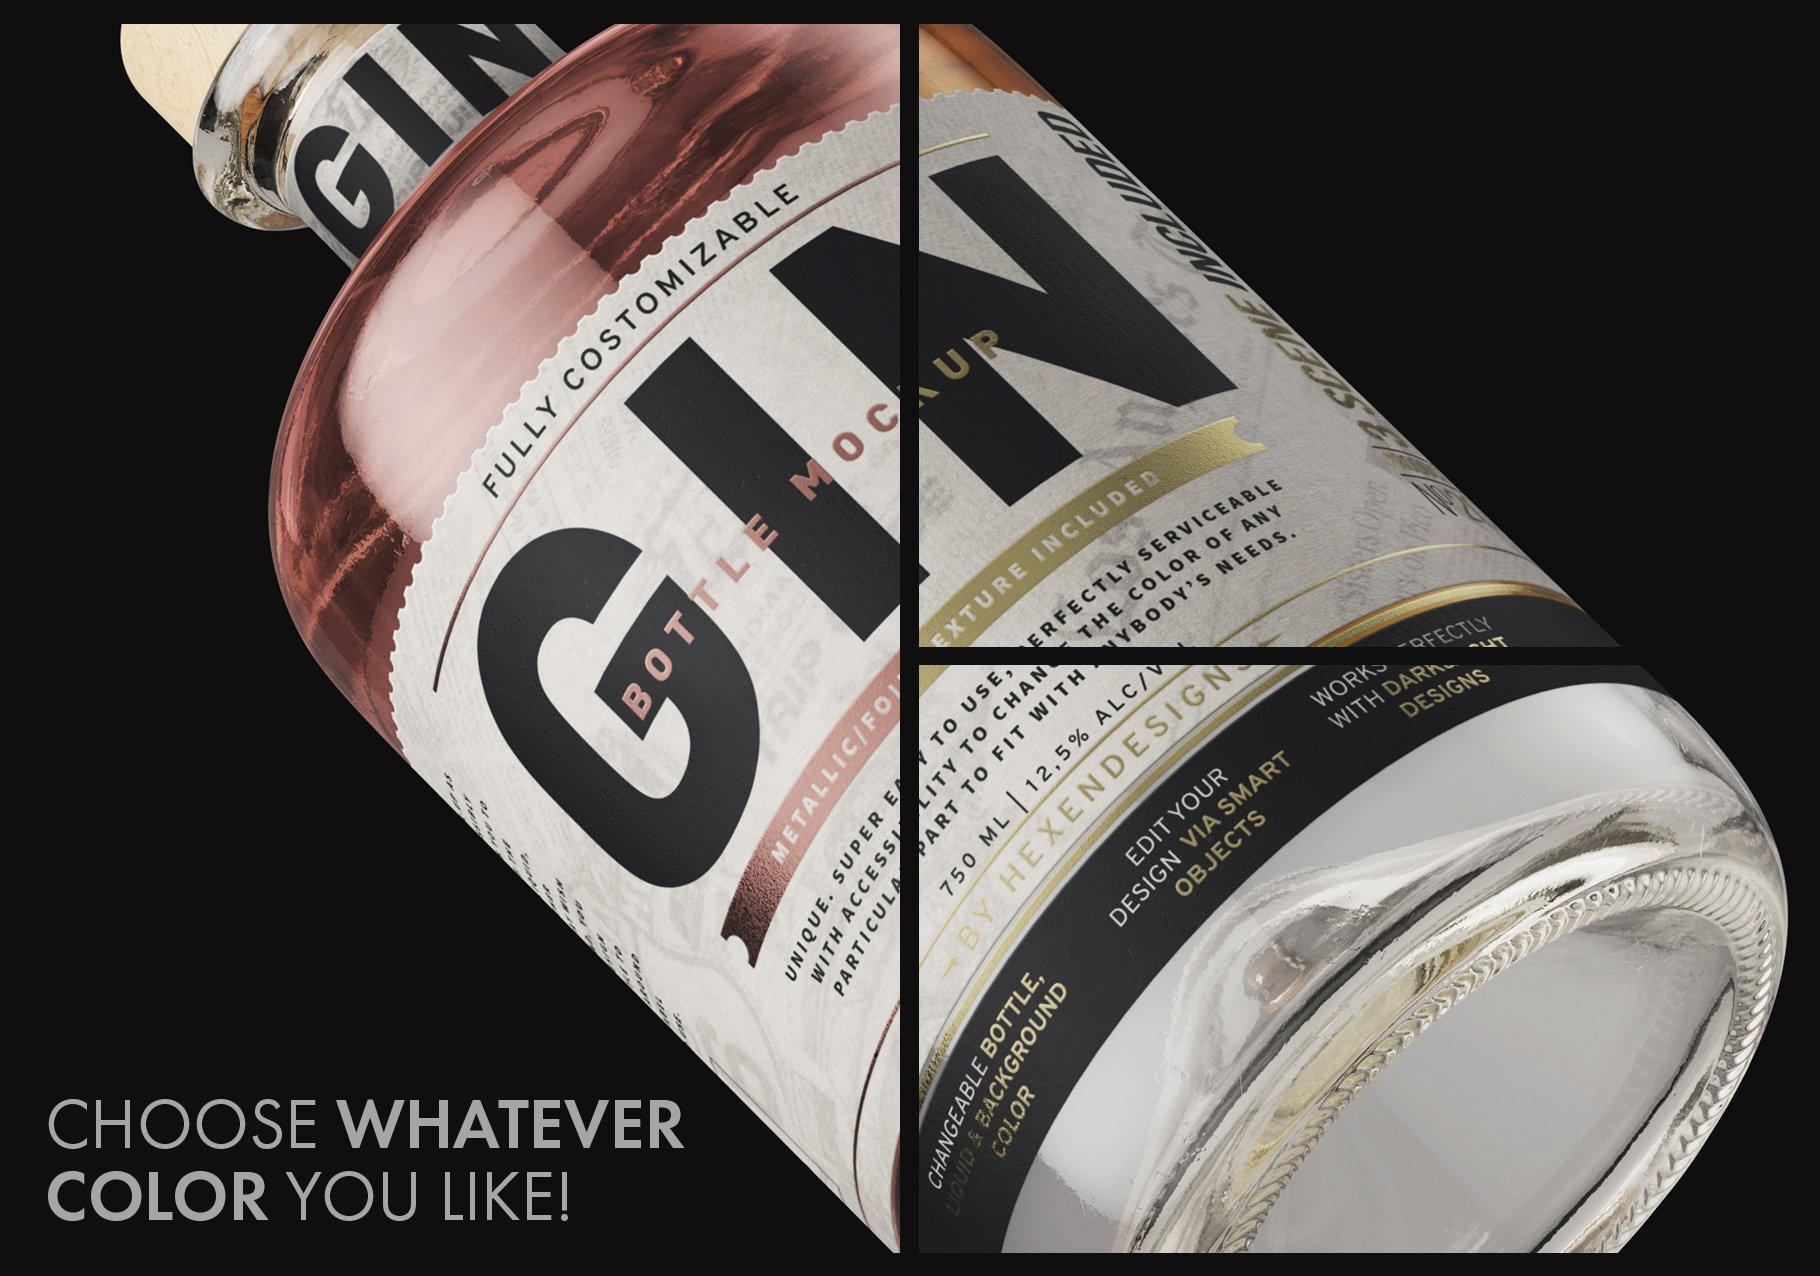 杜松子玻璃酒瓶标签设计展示样机模板 Gin Bottle Mockup插图(3)